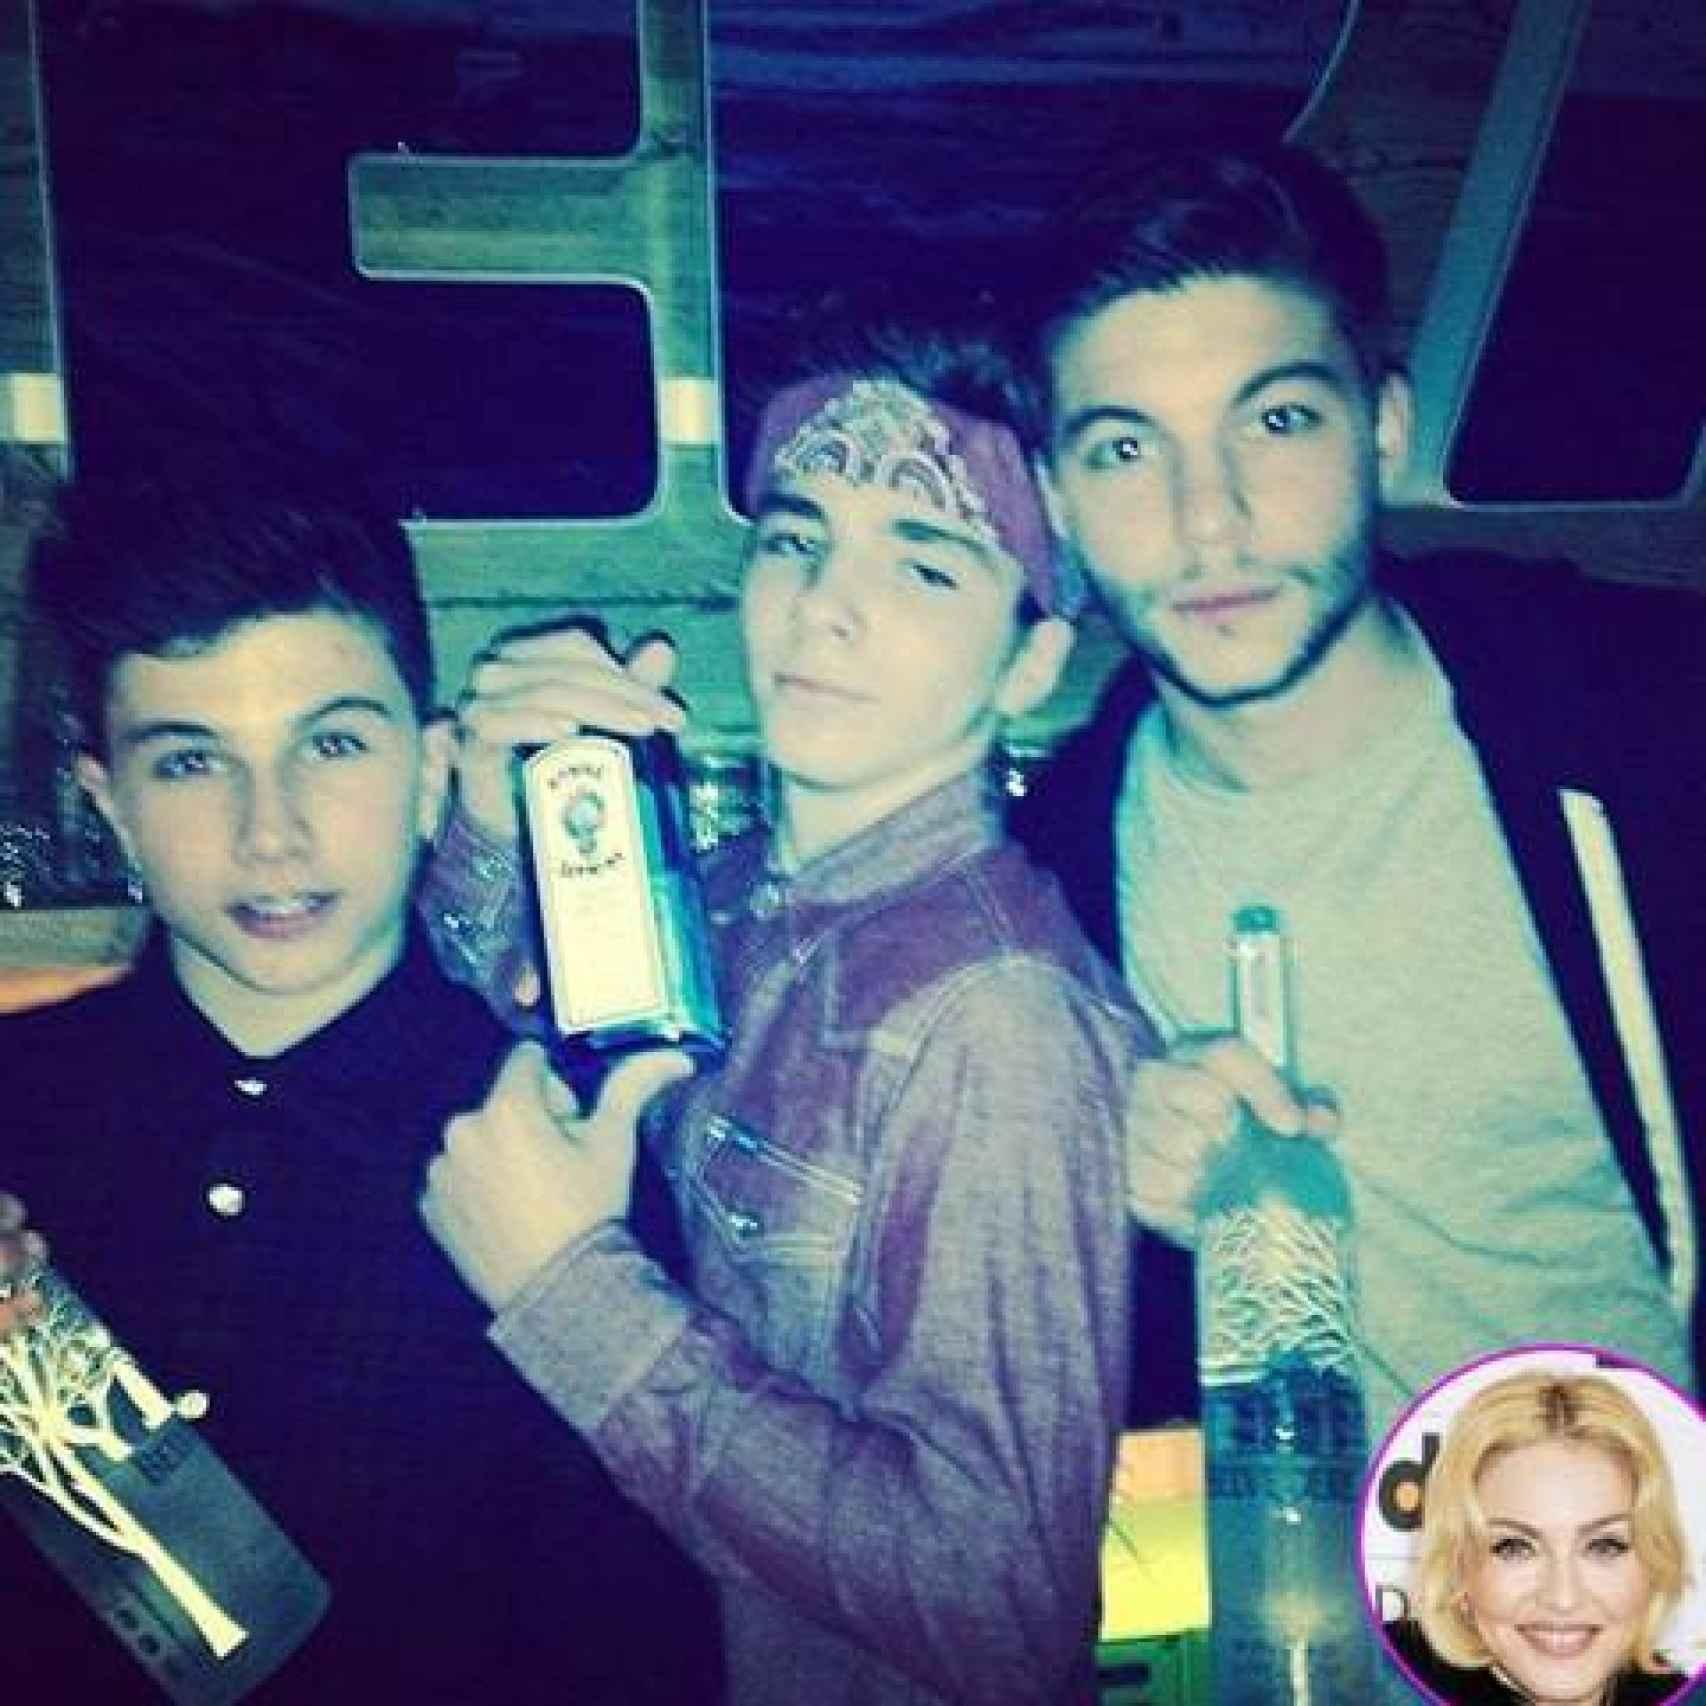 Rocco (en el medio) sostiene una botella de ginebra